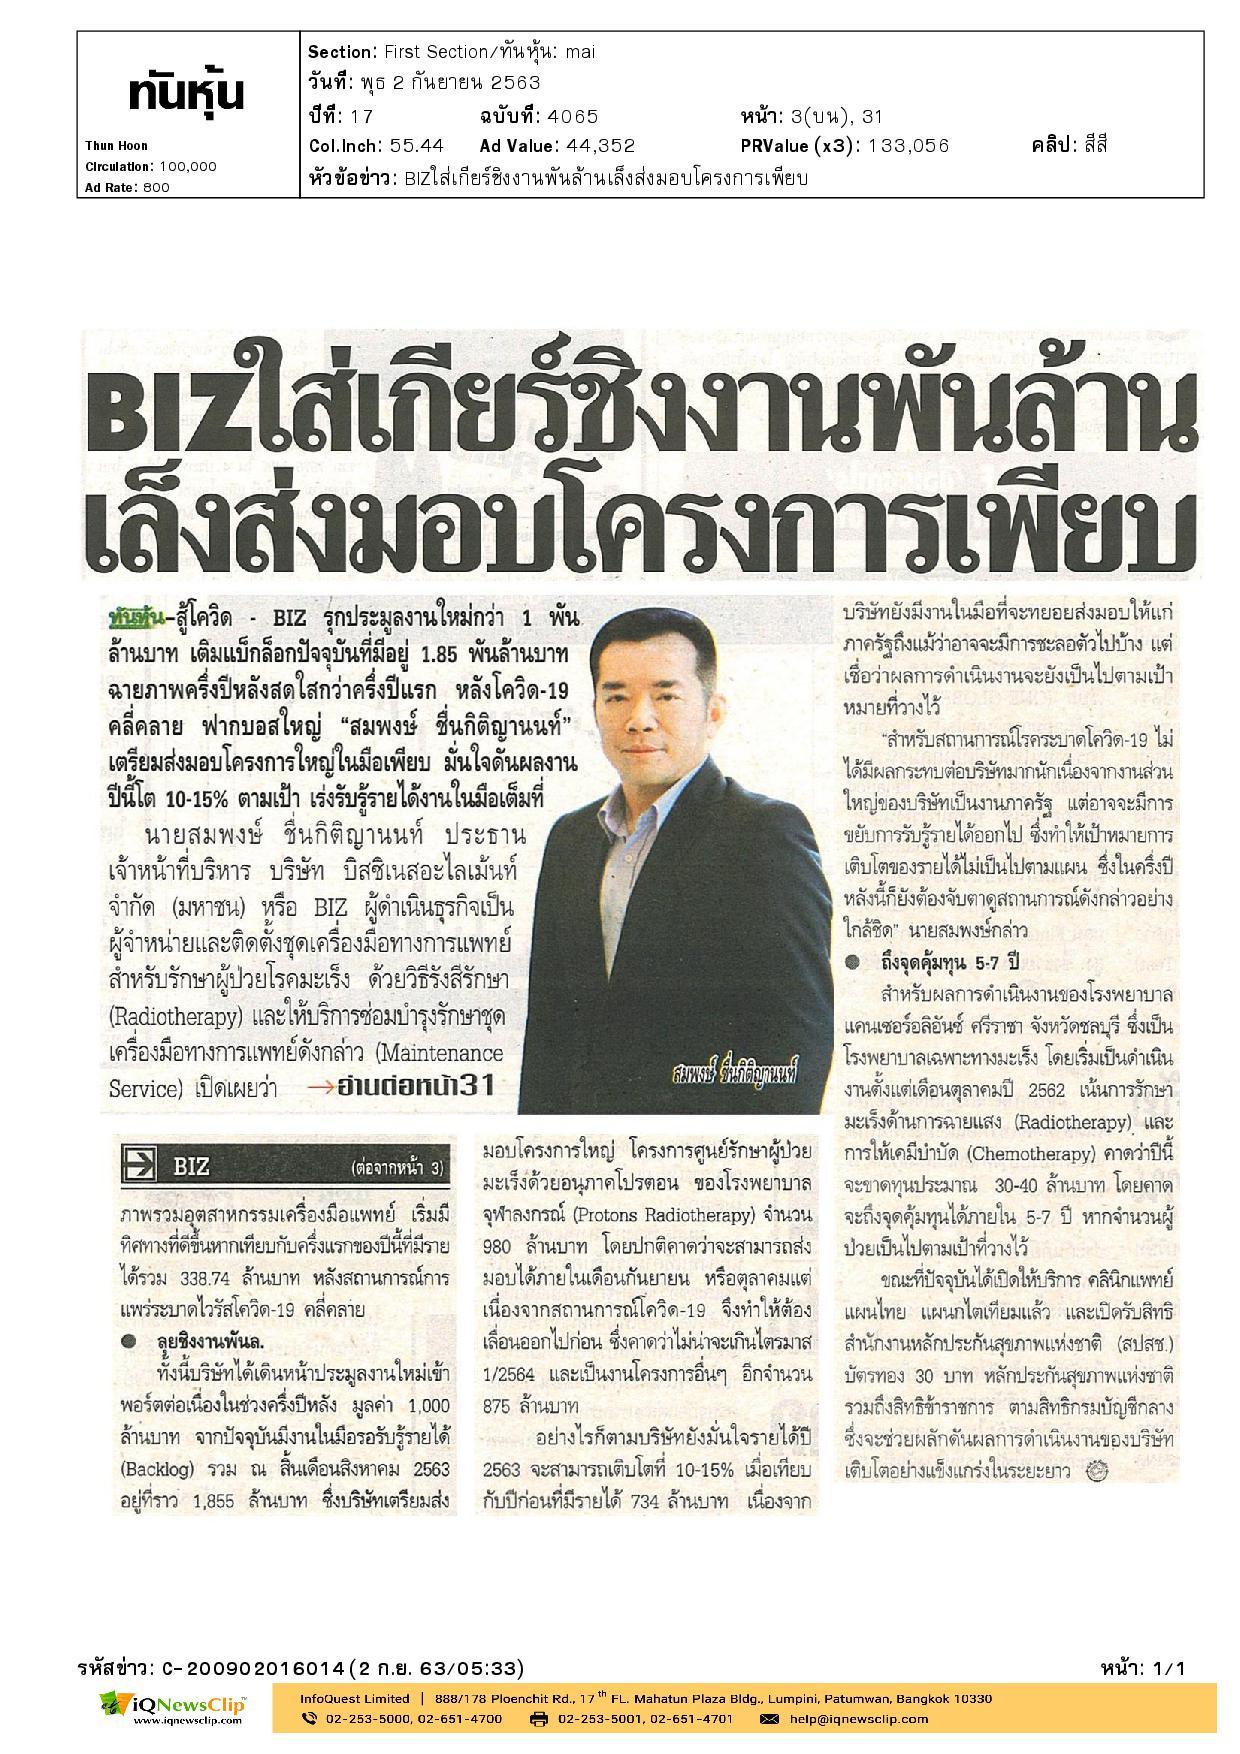 โครงการศูนย์รักษาผู้ป่วยมะเร็งด้วยอนุภาคโปรตอนของโรงพยาบาลจุฬาลงกรณ์ สภากาชาดไทย